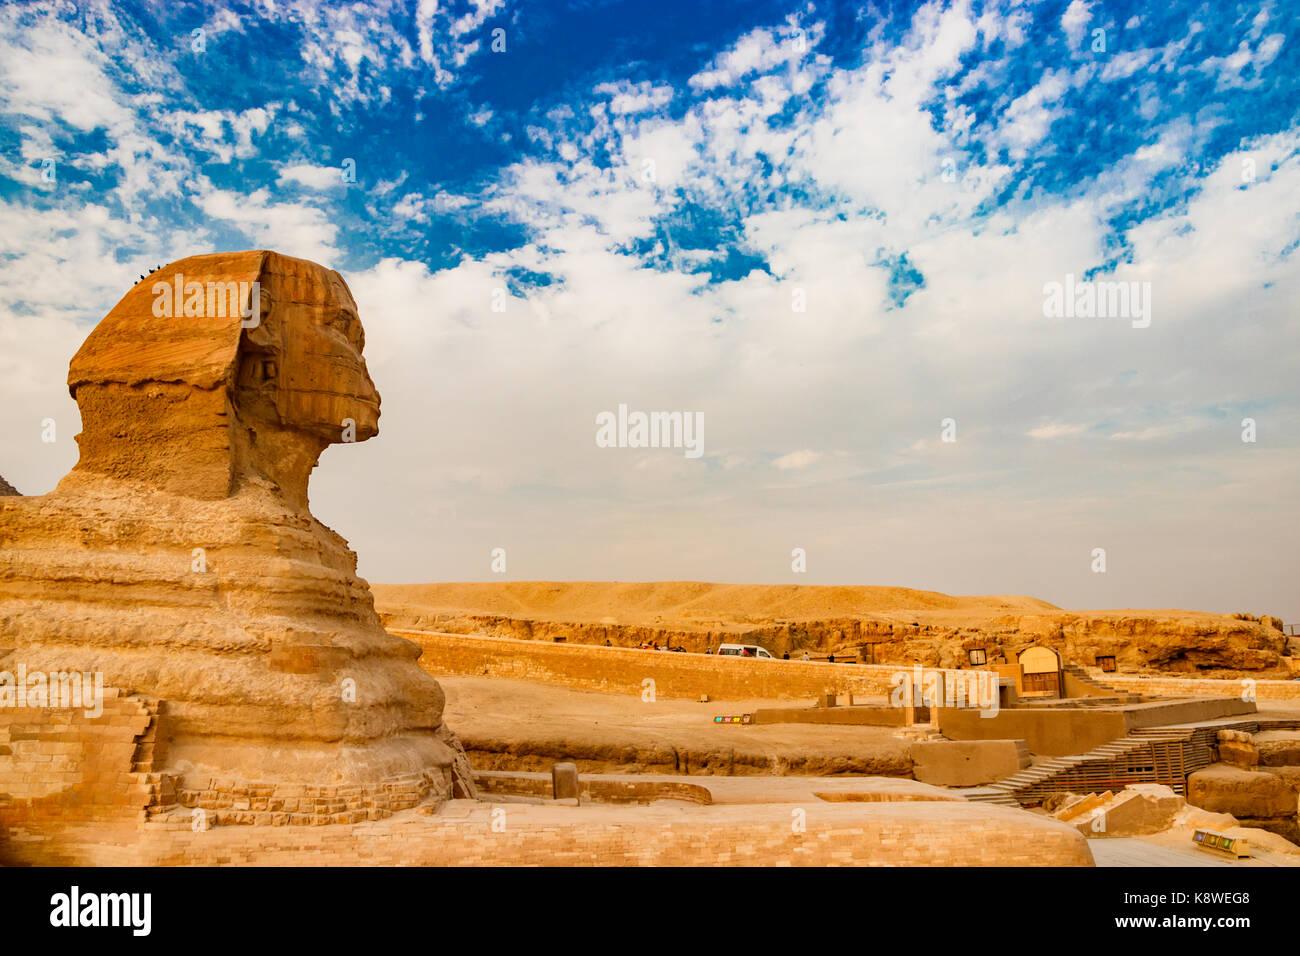 Sphinx vicino alle piramidi di Giza. Il cairo, Egitto Immagini Stock